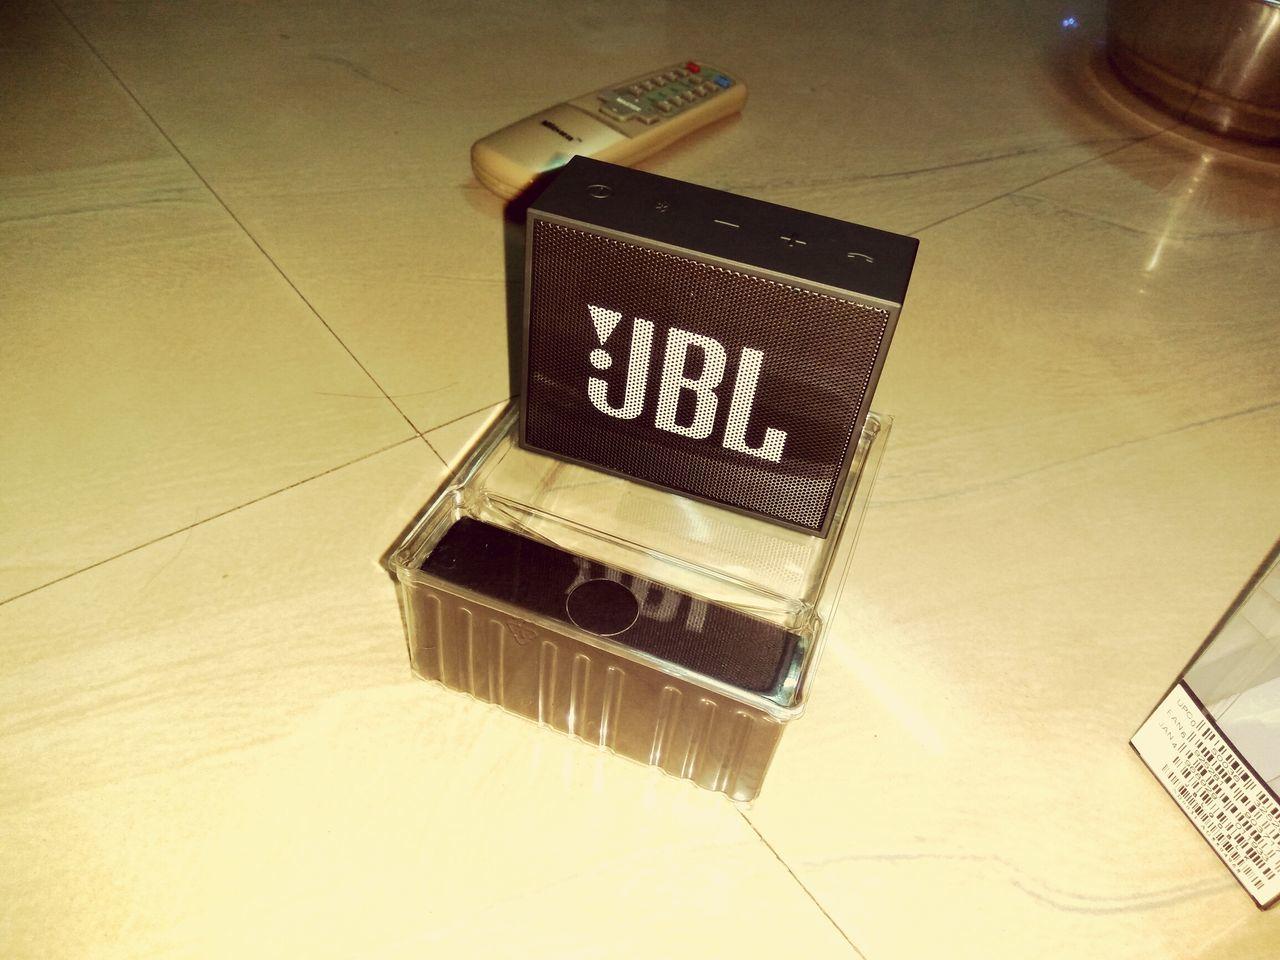 JBL JBL GO Bluetooth Speaker First Eyeem Photo